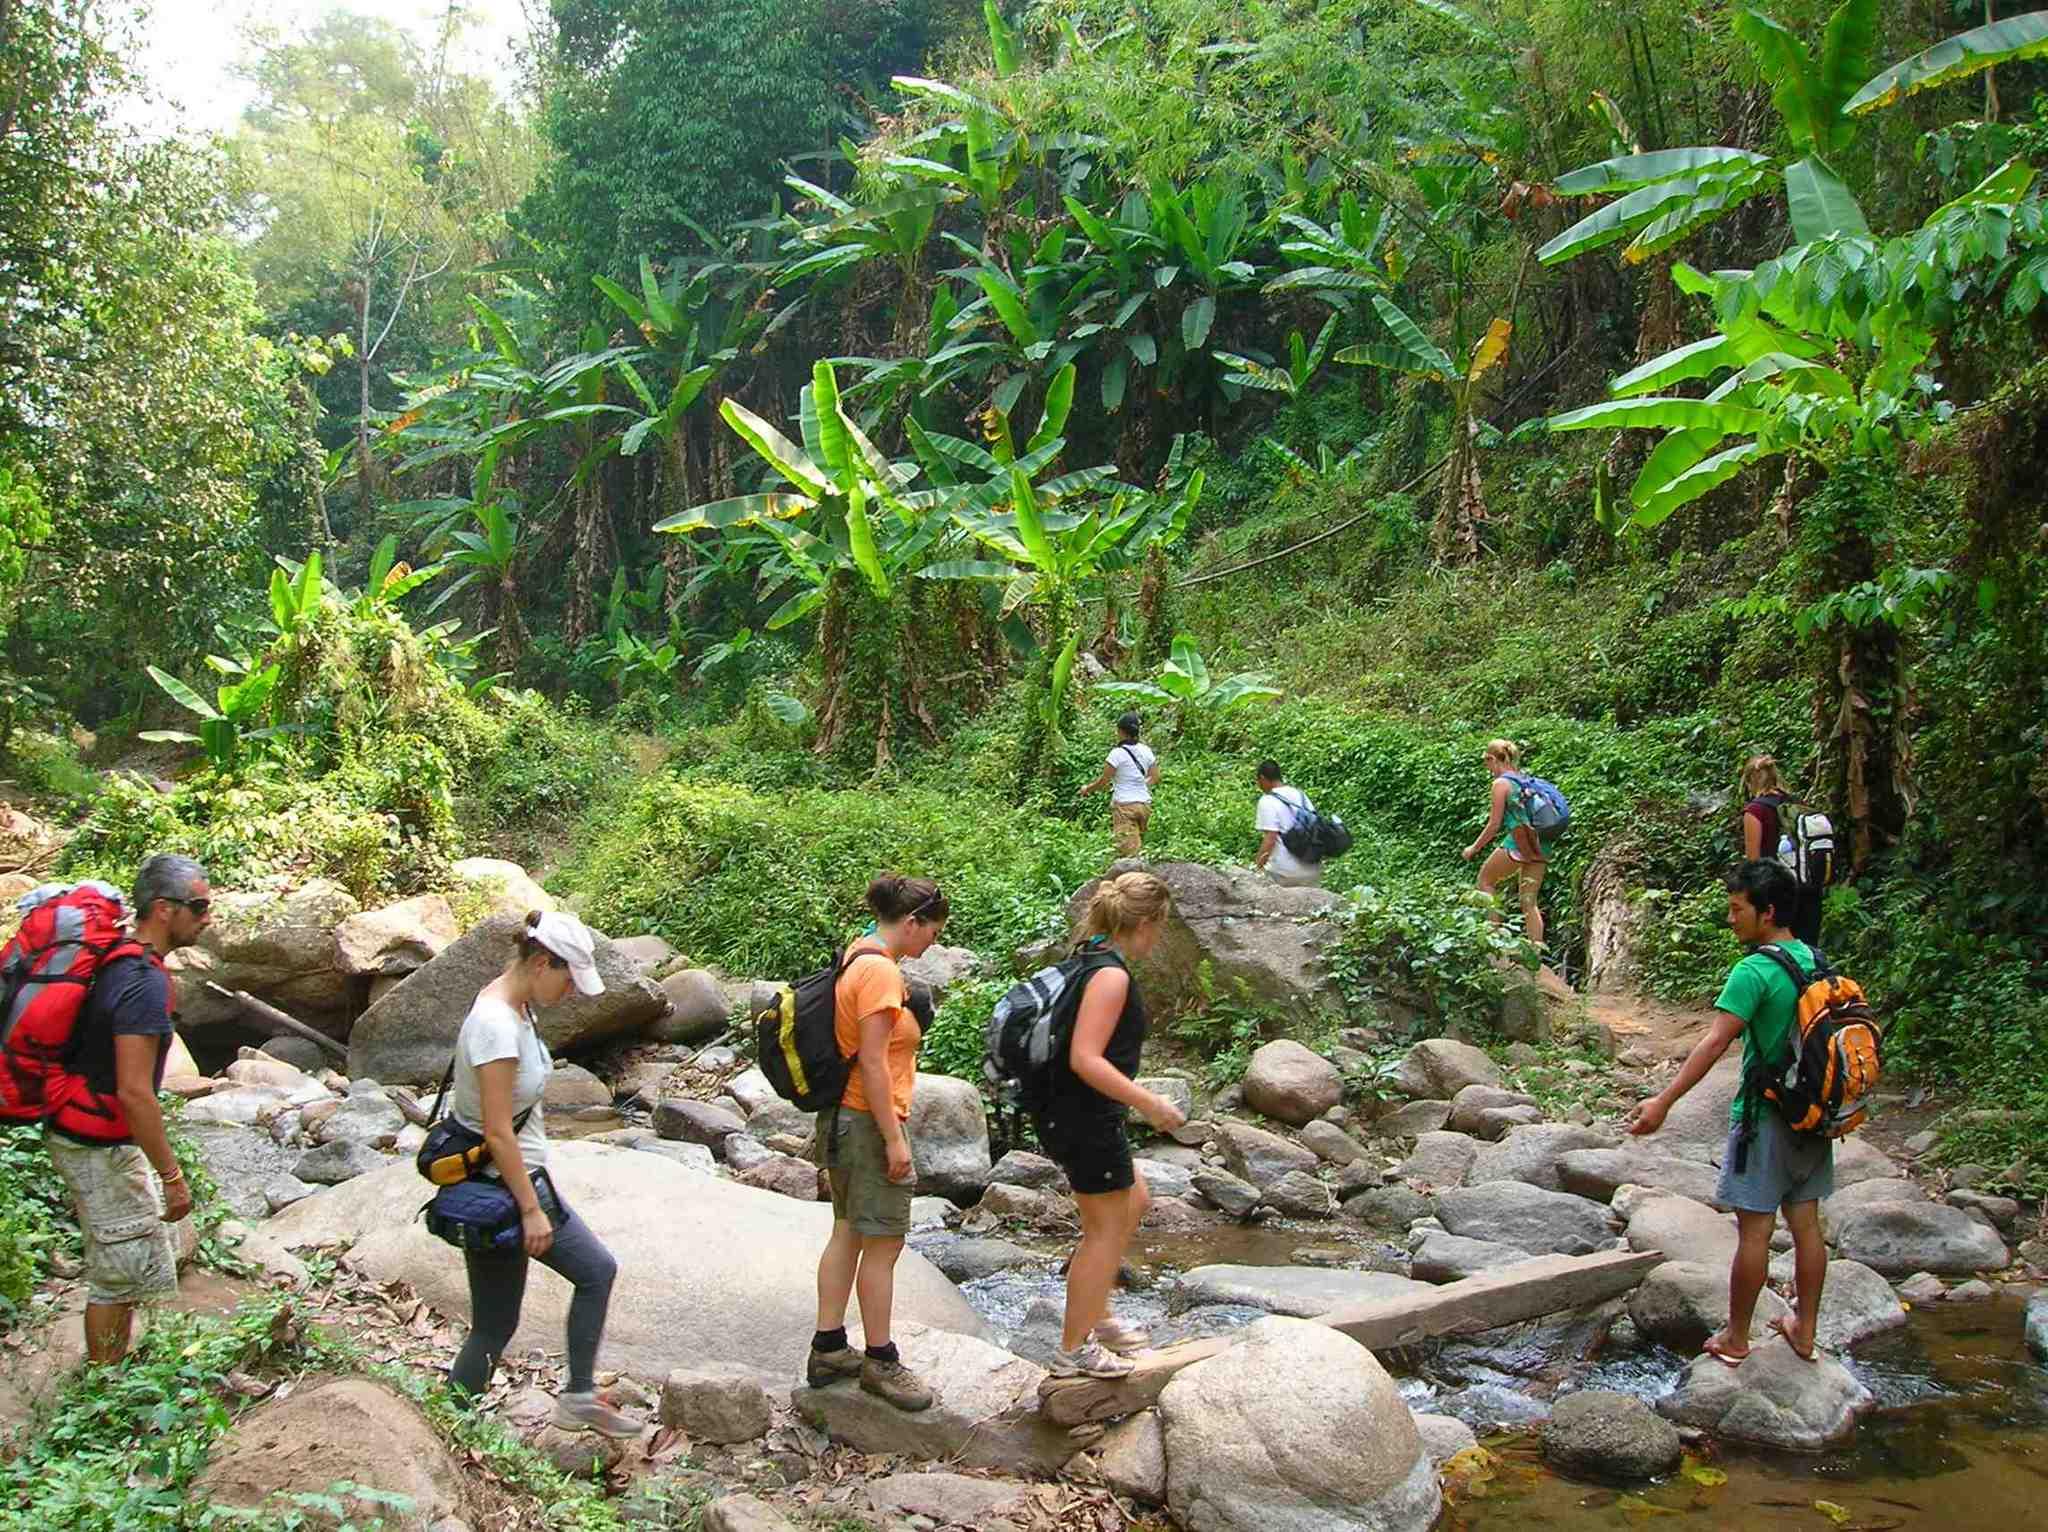 jungle trekking Bukit lawang jungle trekking,bukit lawang orangutan trek,orangutan jungle trekking,bukit lawang adventure jungle trekking,bukit lawang tour,bukit lawang trekking.